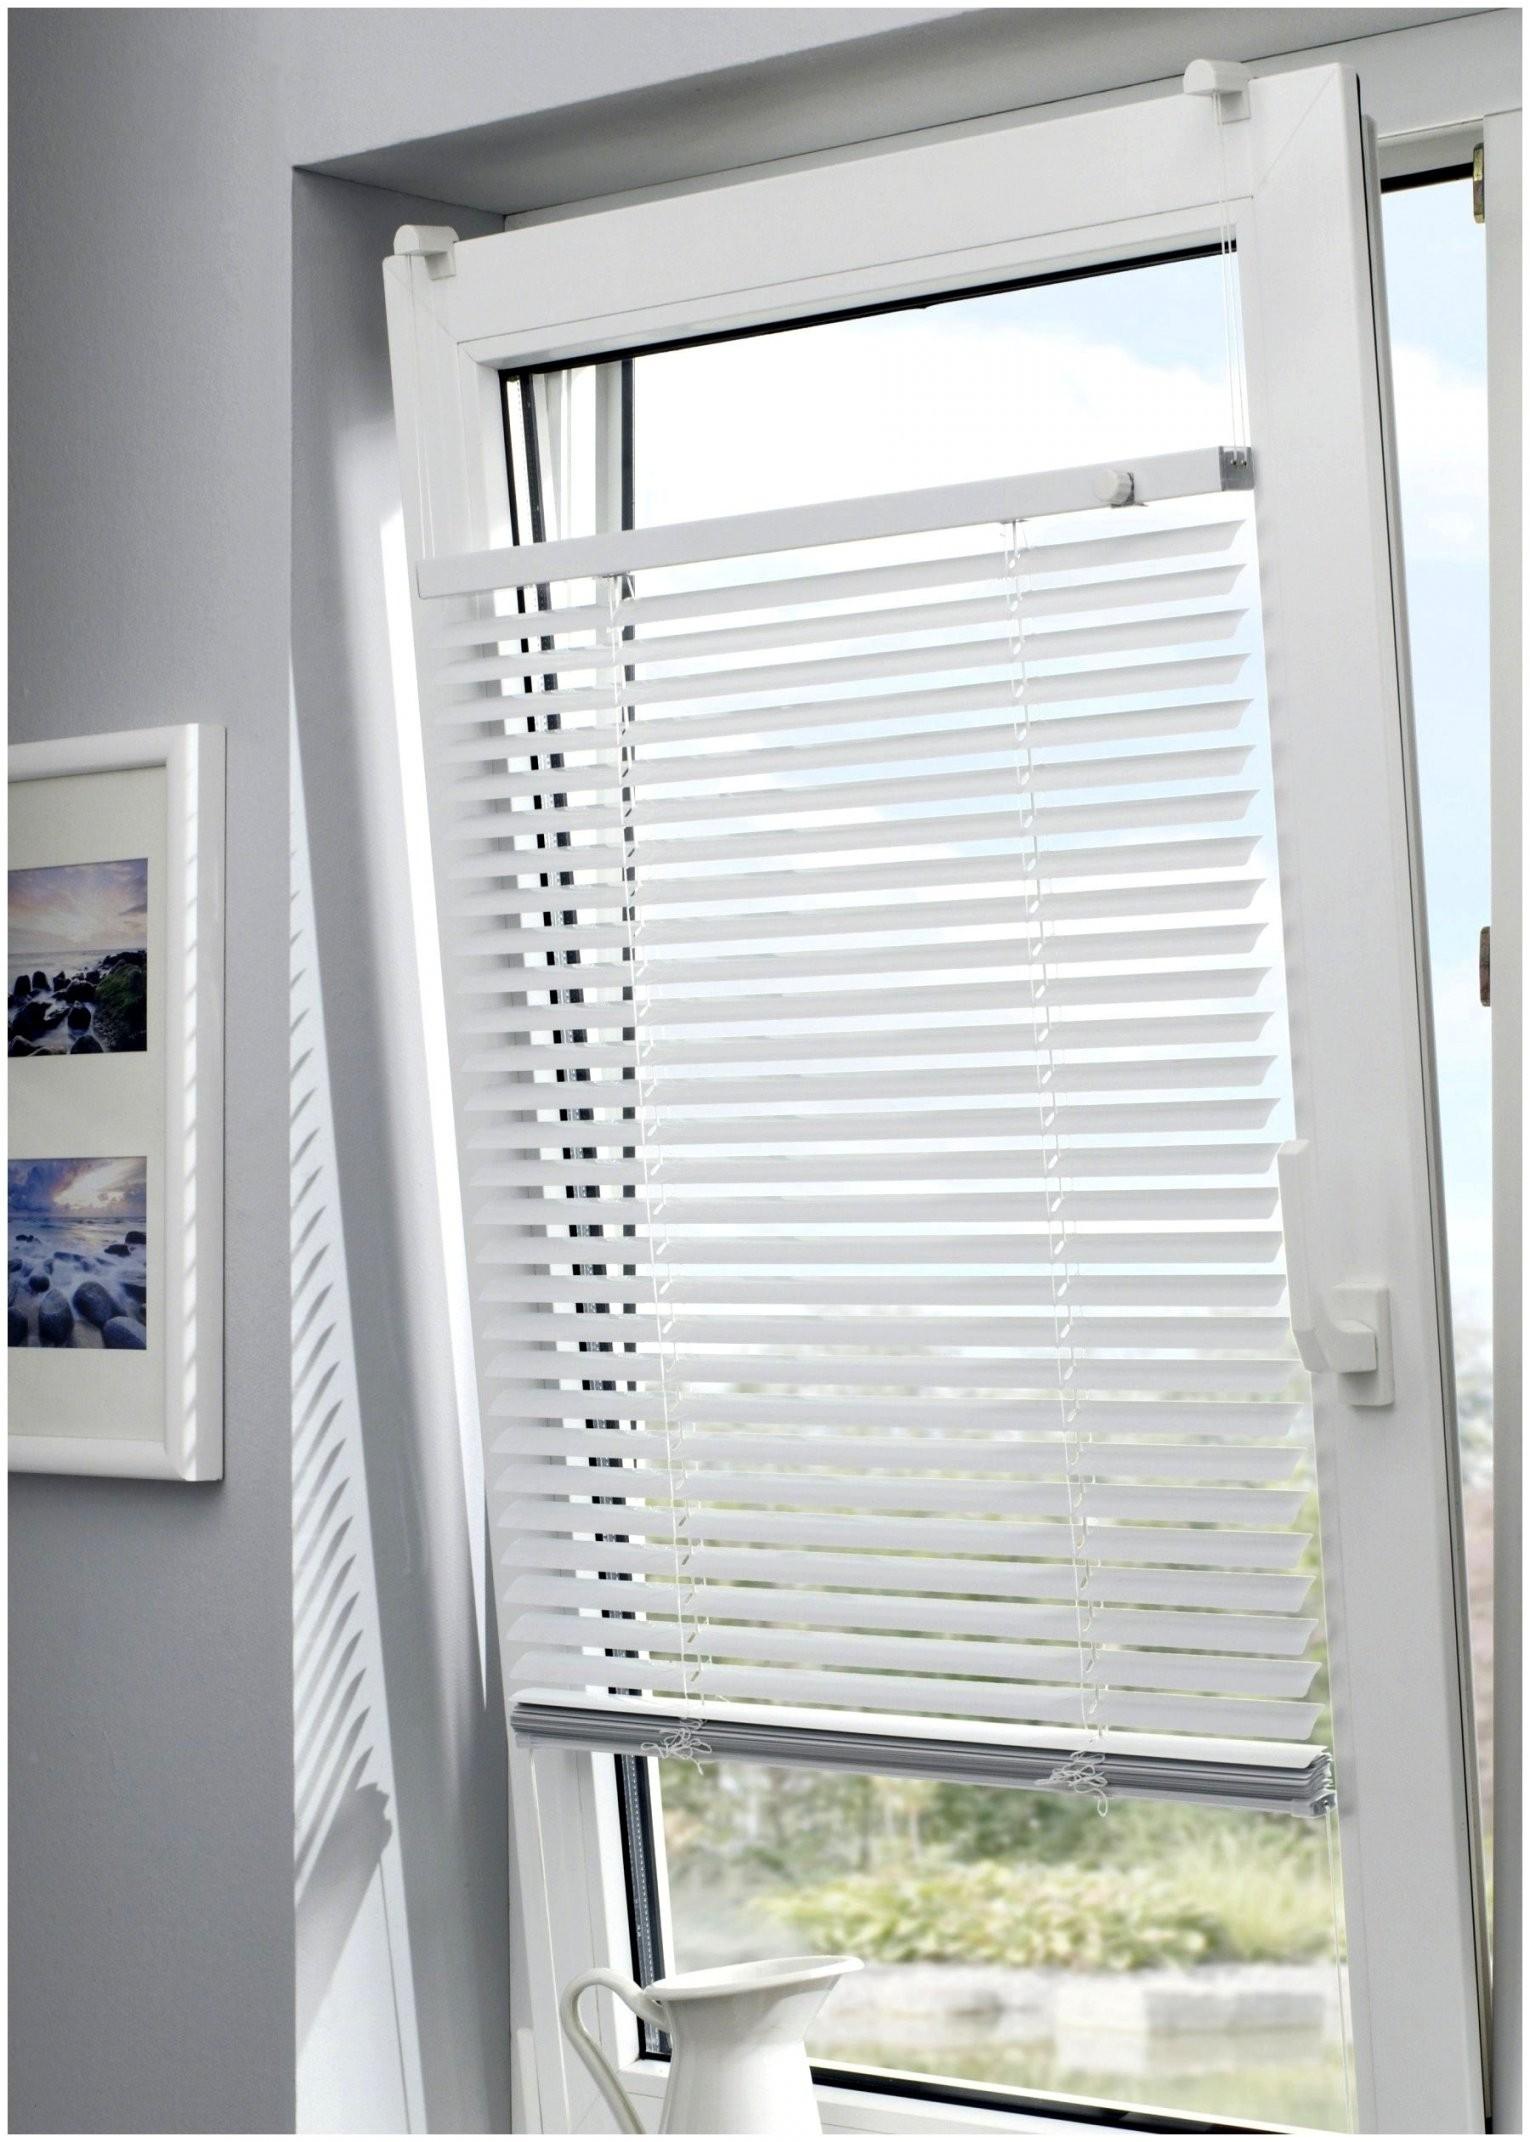 Schön Fenster Jalousien Innen Fensterrahmen  Lapetitemaisonnyc von Fenster Jalousien Innen Fensterrahmen Bild